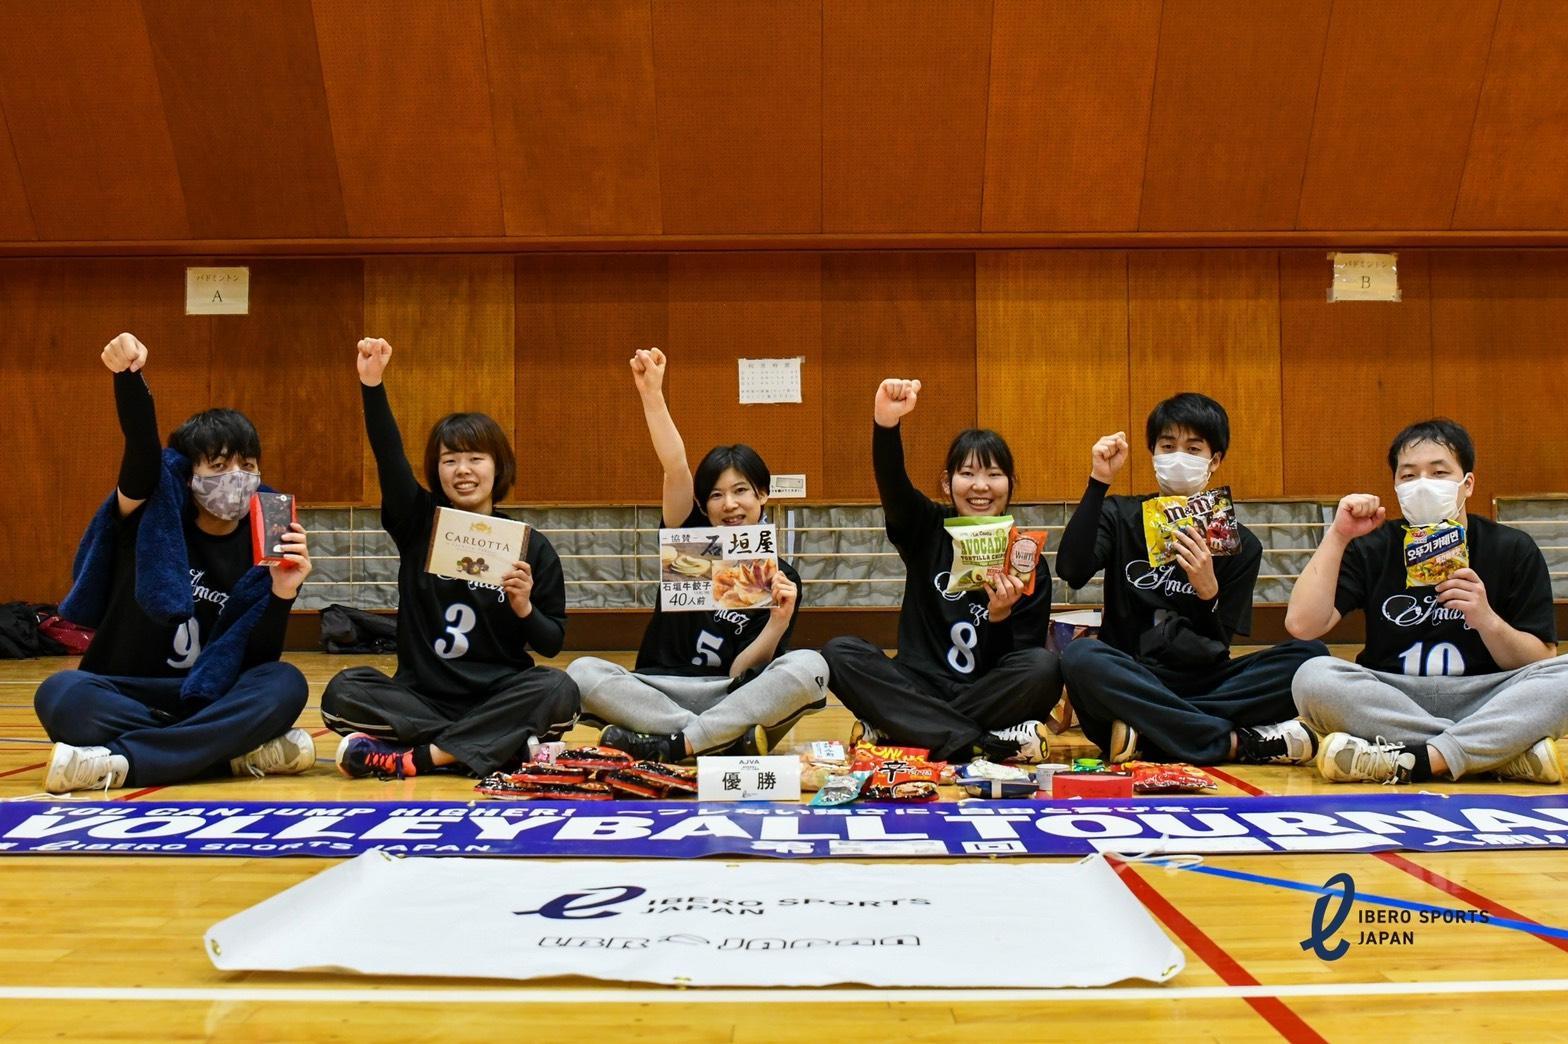 1月31日 第9回 混合バレーボールオープン大会